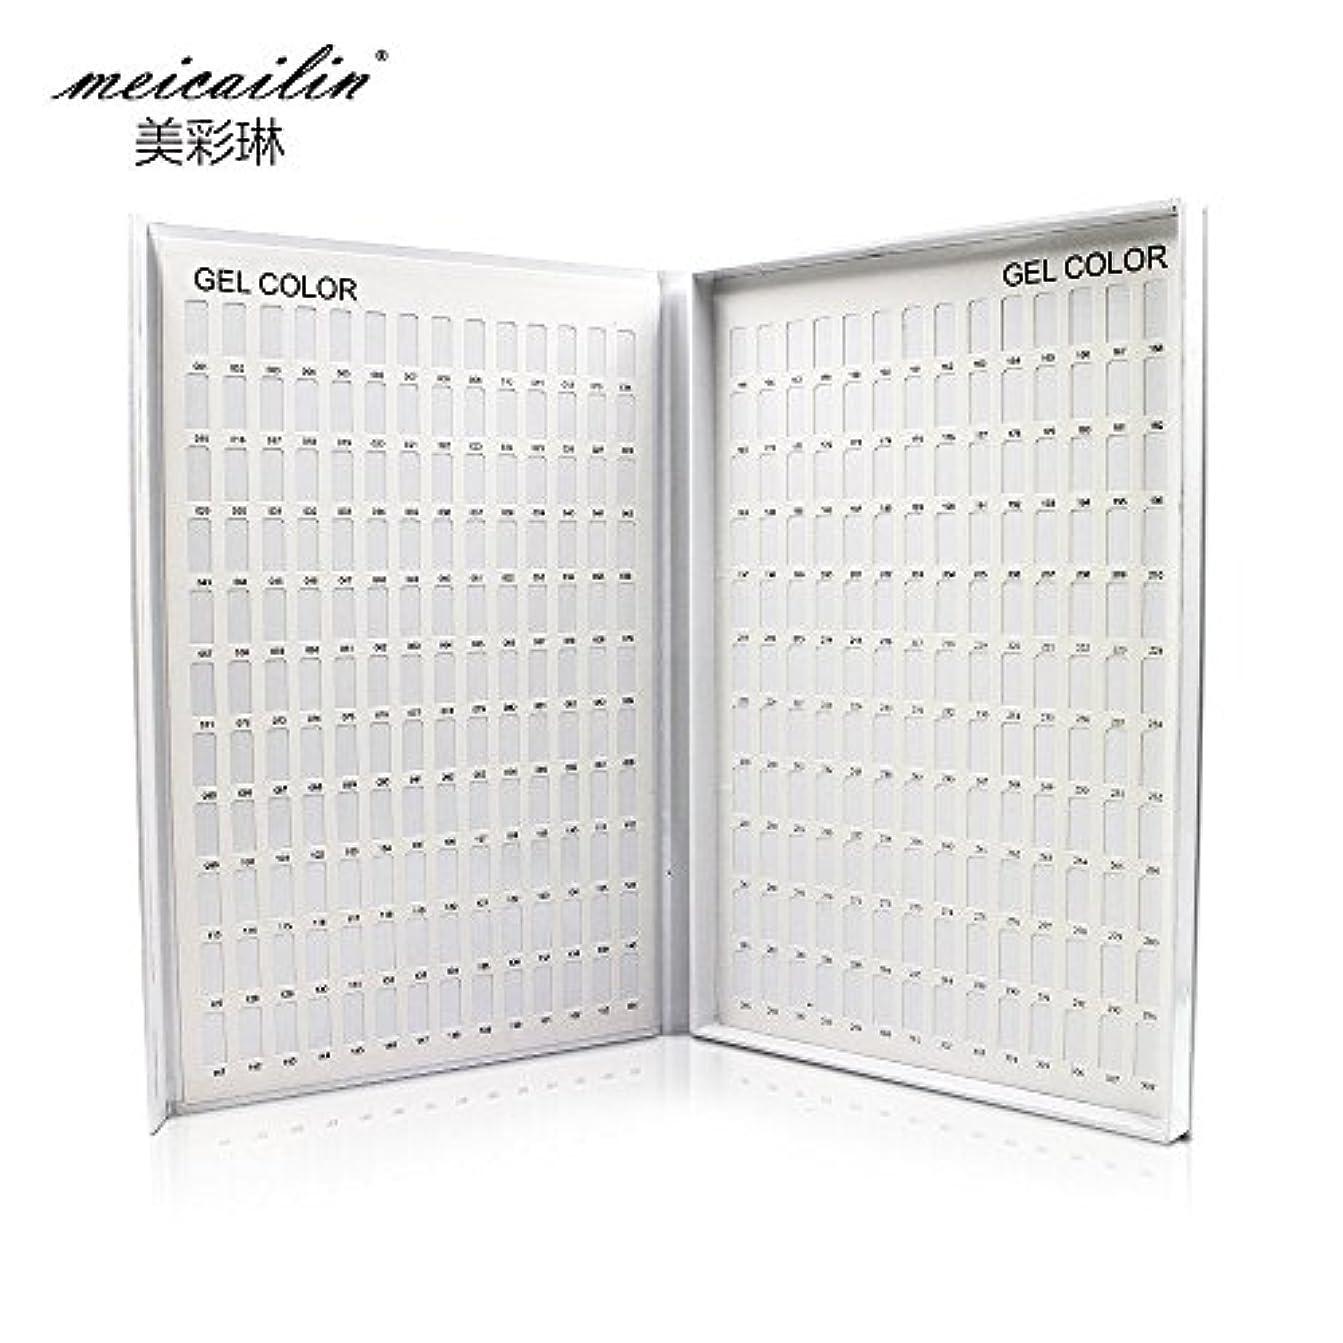 どっちでもコロニアルメンダシティシンディー ネイルアートカラーチャートブック 色見本 サンプル帳 ホワイト 308色